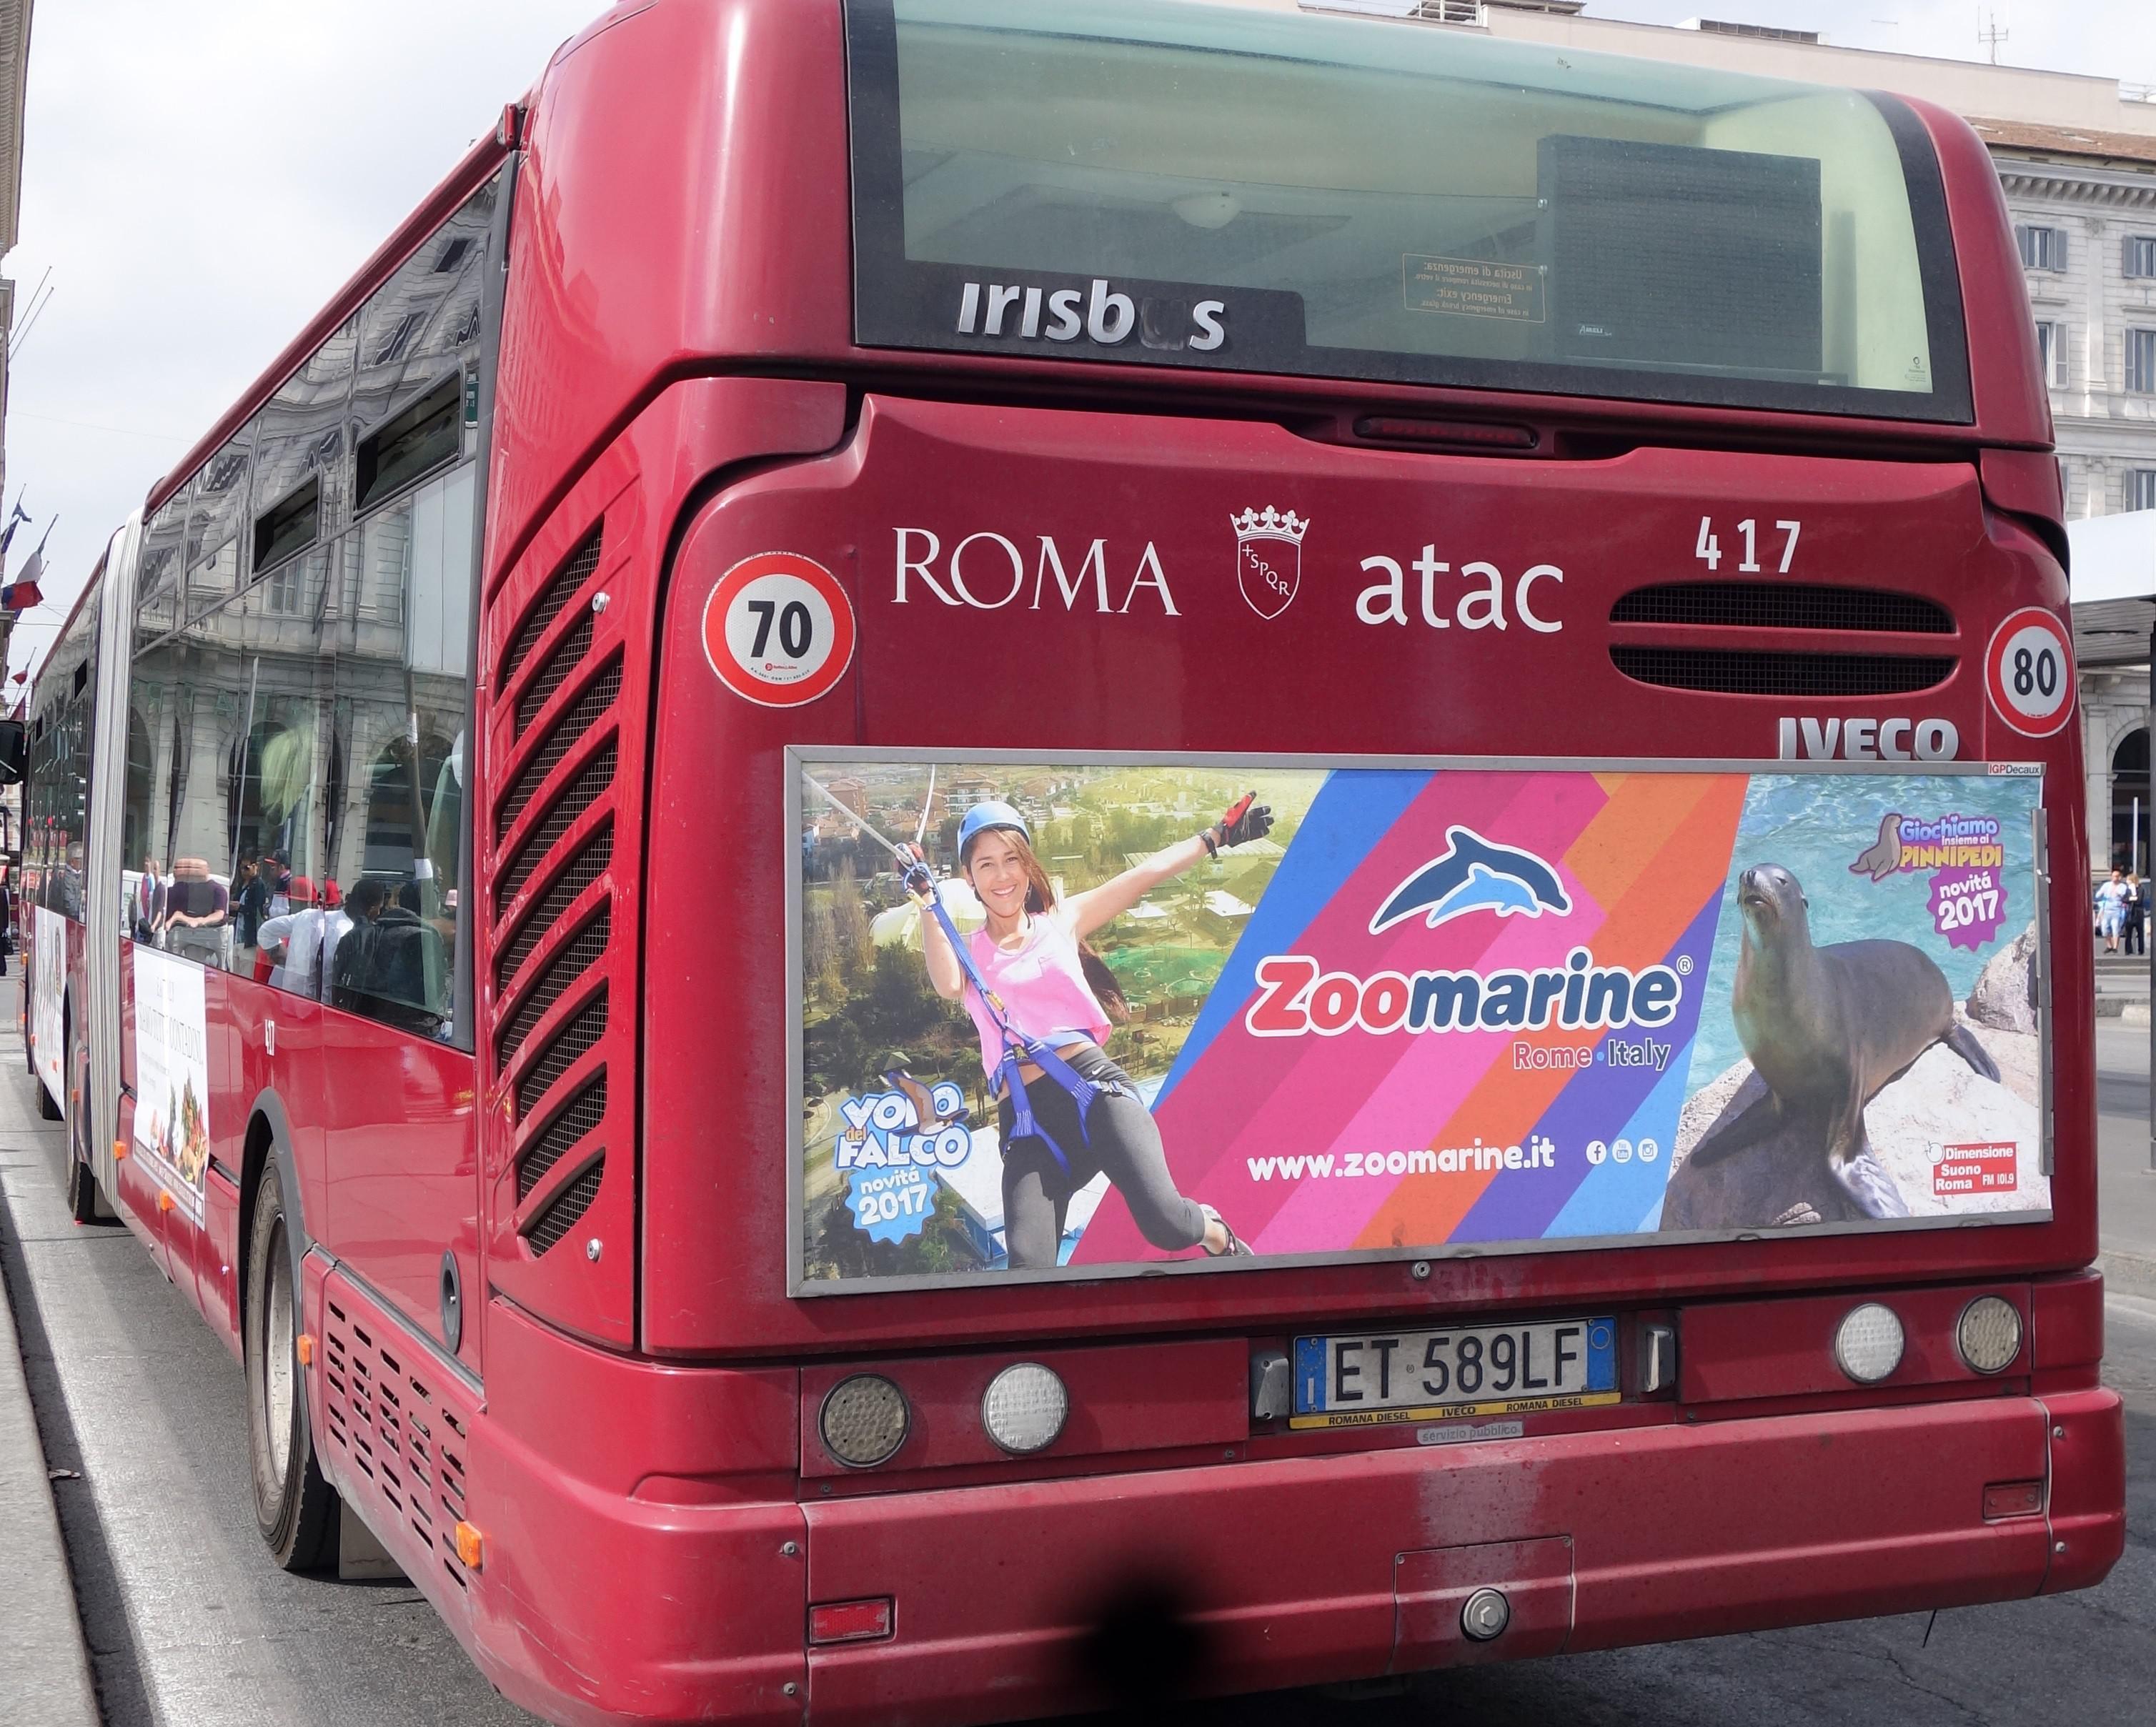 車両後方に取り付けたパネル広告例(1):水族館兼テーマパークの宣伝